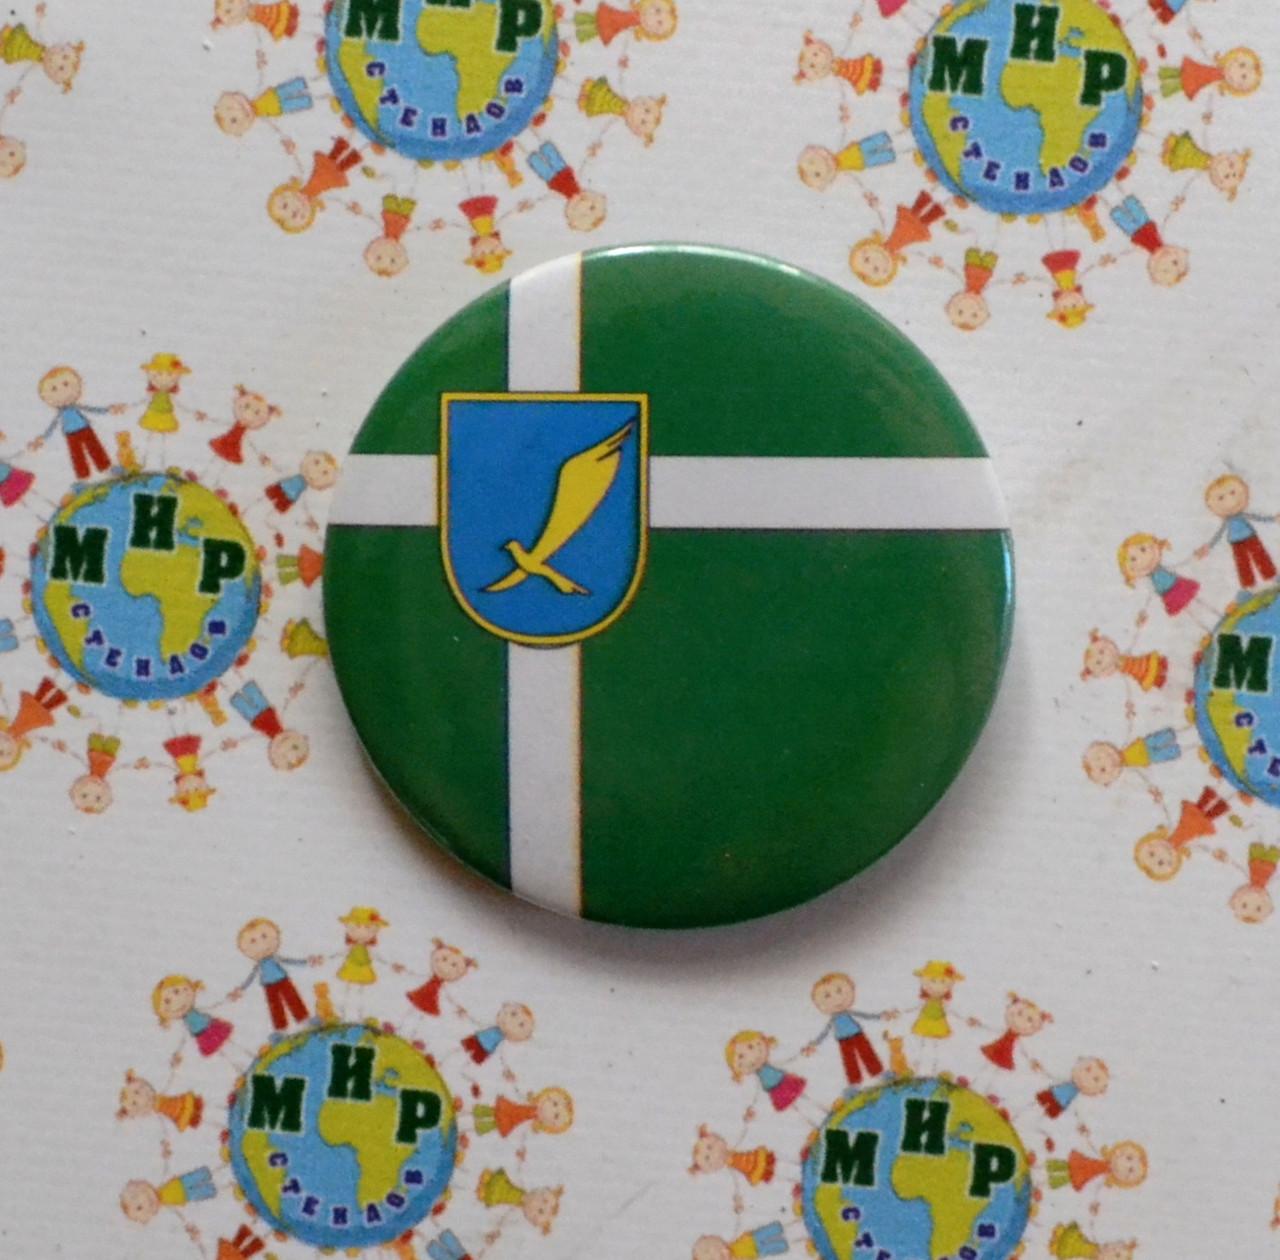 Значок с символикой города Харцыззск